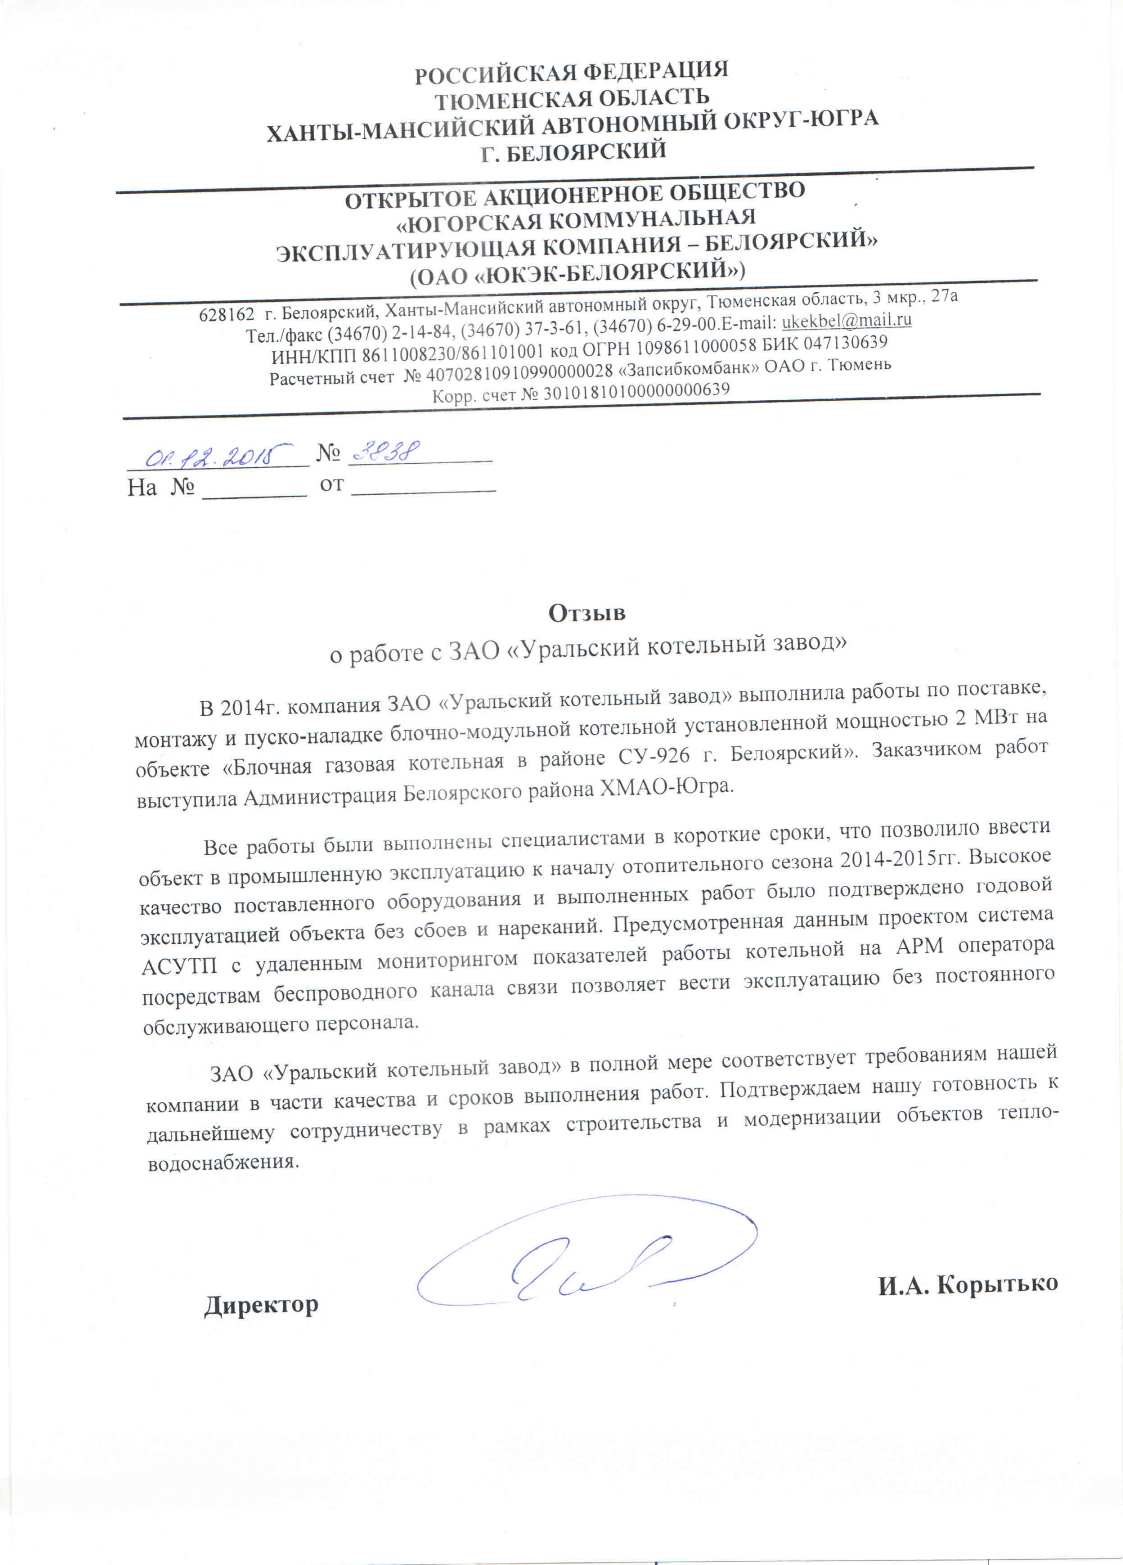 otzyv_2015-12-01_beloyarsky